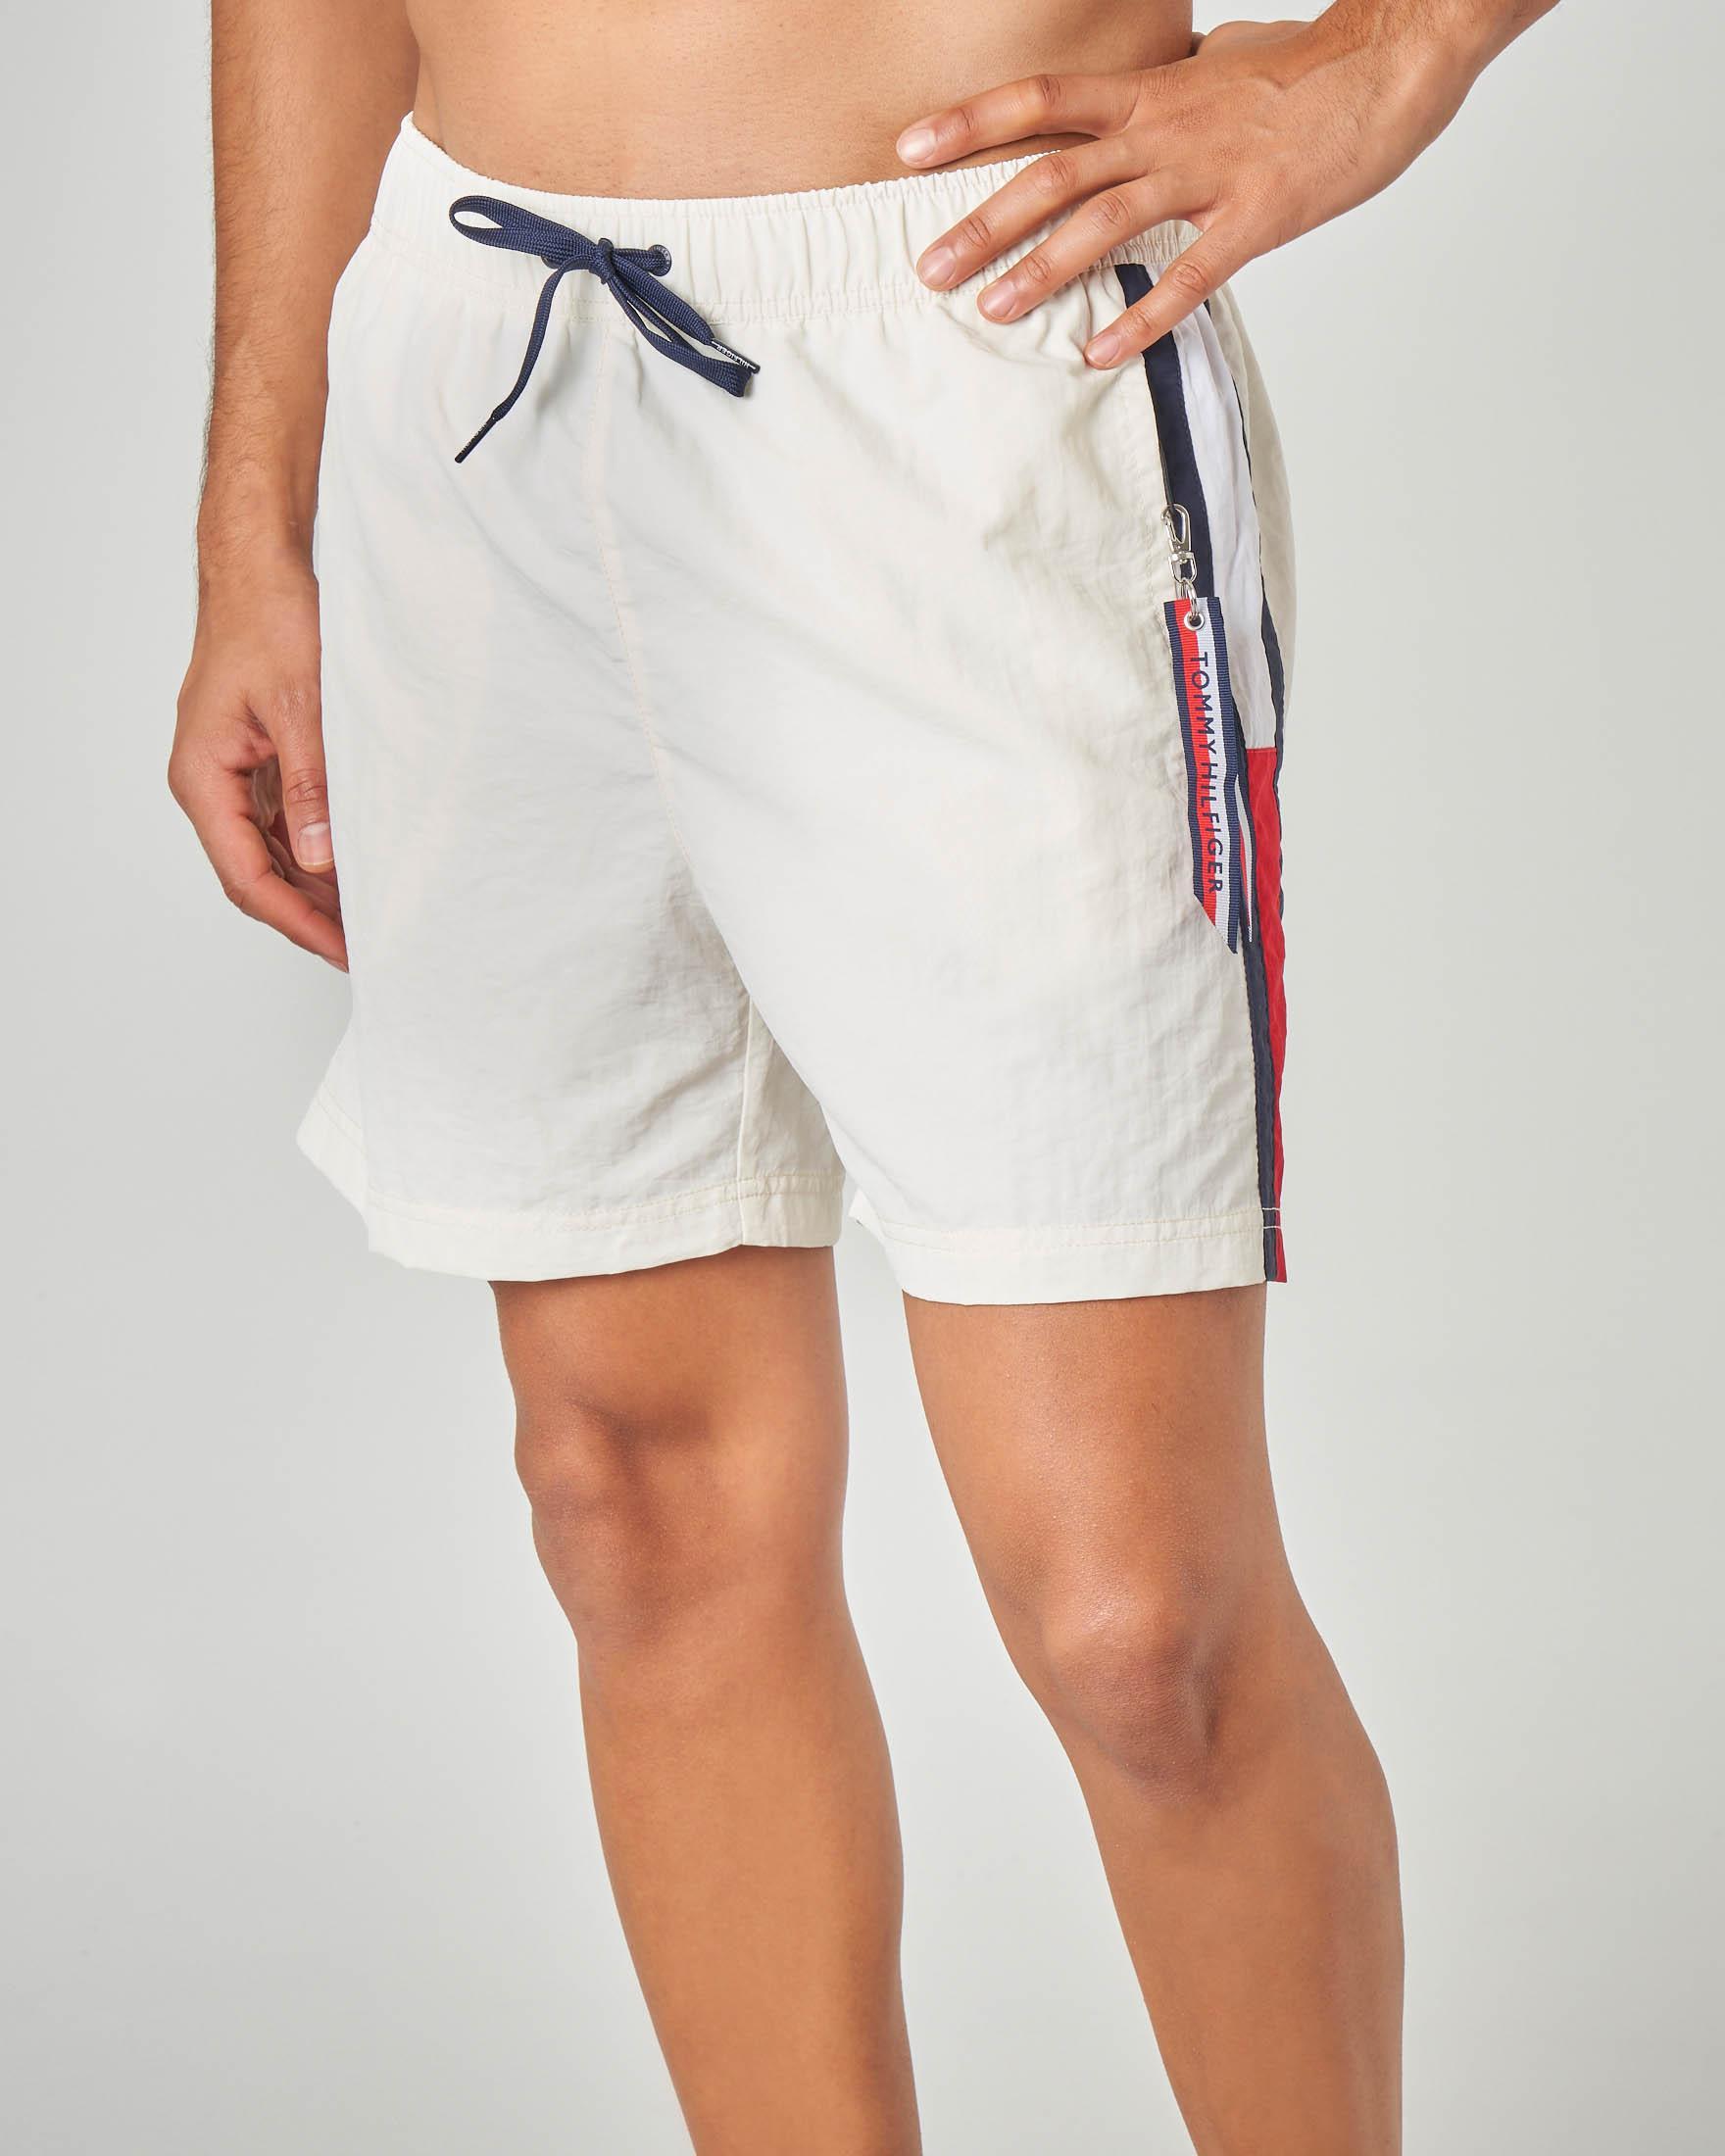 Costume boxer bianco con taschino e bandiera logo sul fianco